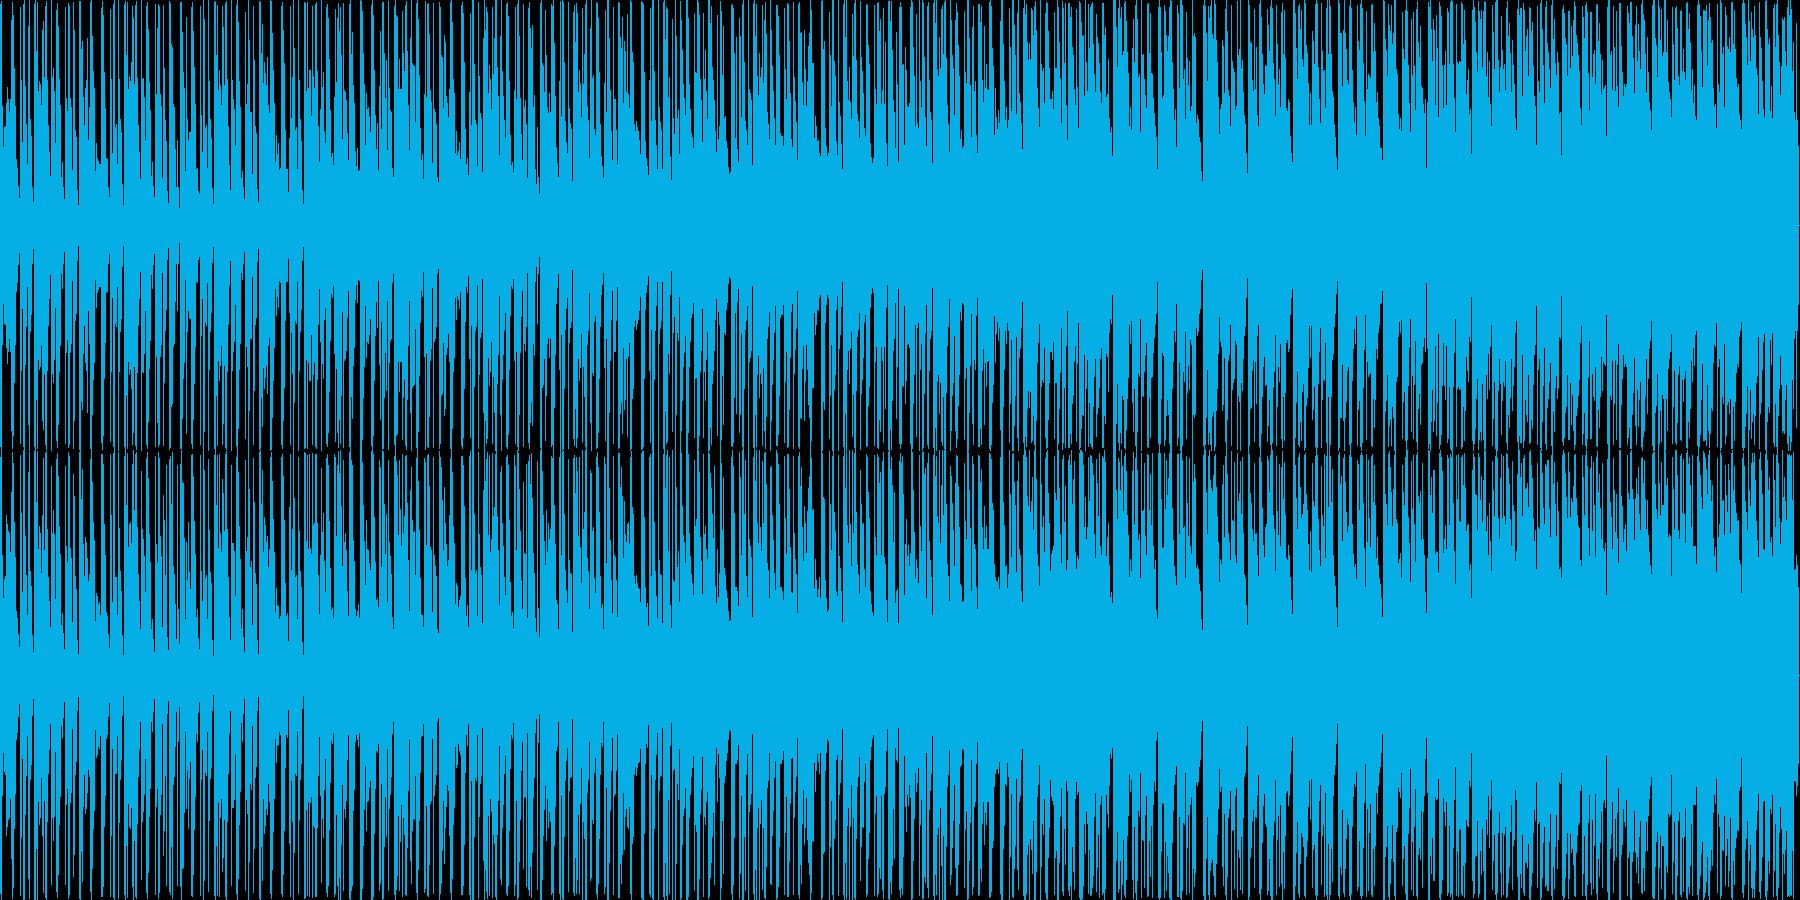 明るい雰囲気のエレクトロニカBGMの再生済みの波形